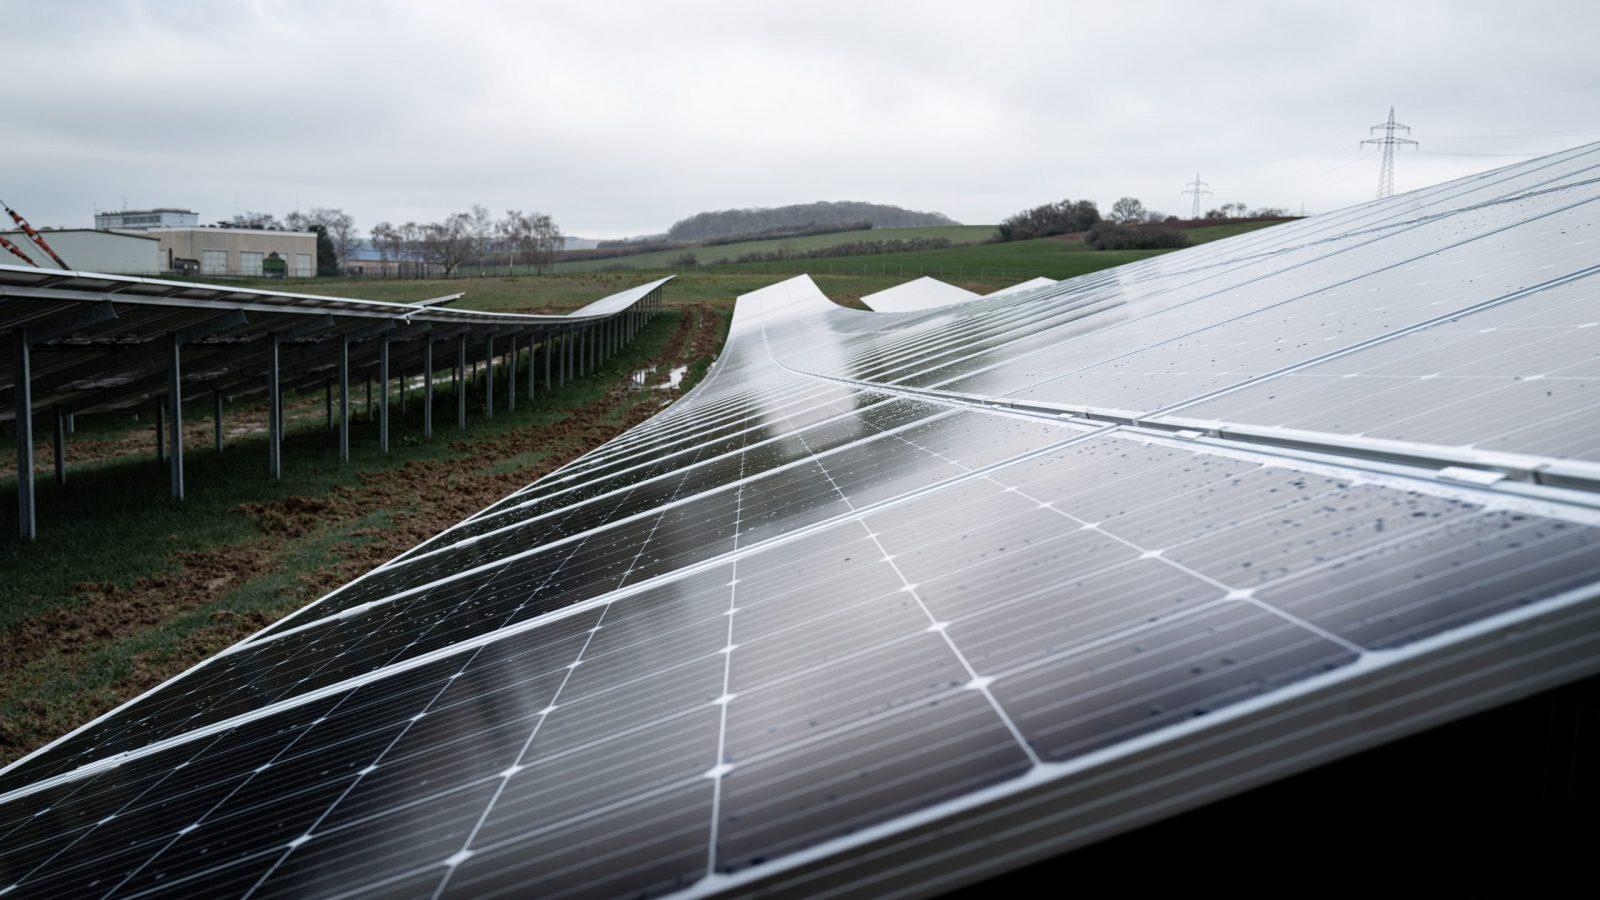 Erneuerbare Energie: 20 neue großflächige Solaranlagen geplant - Reporter.lu